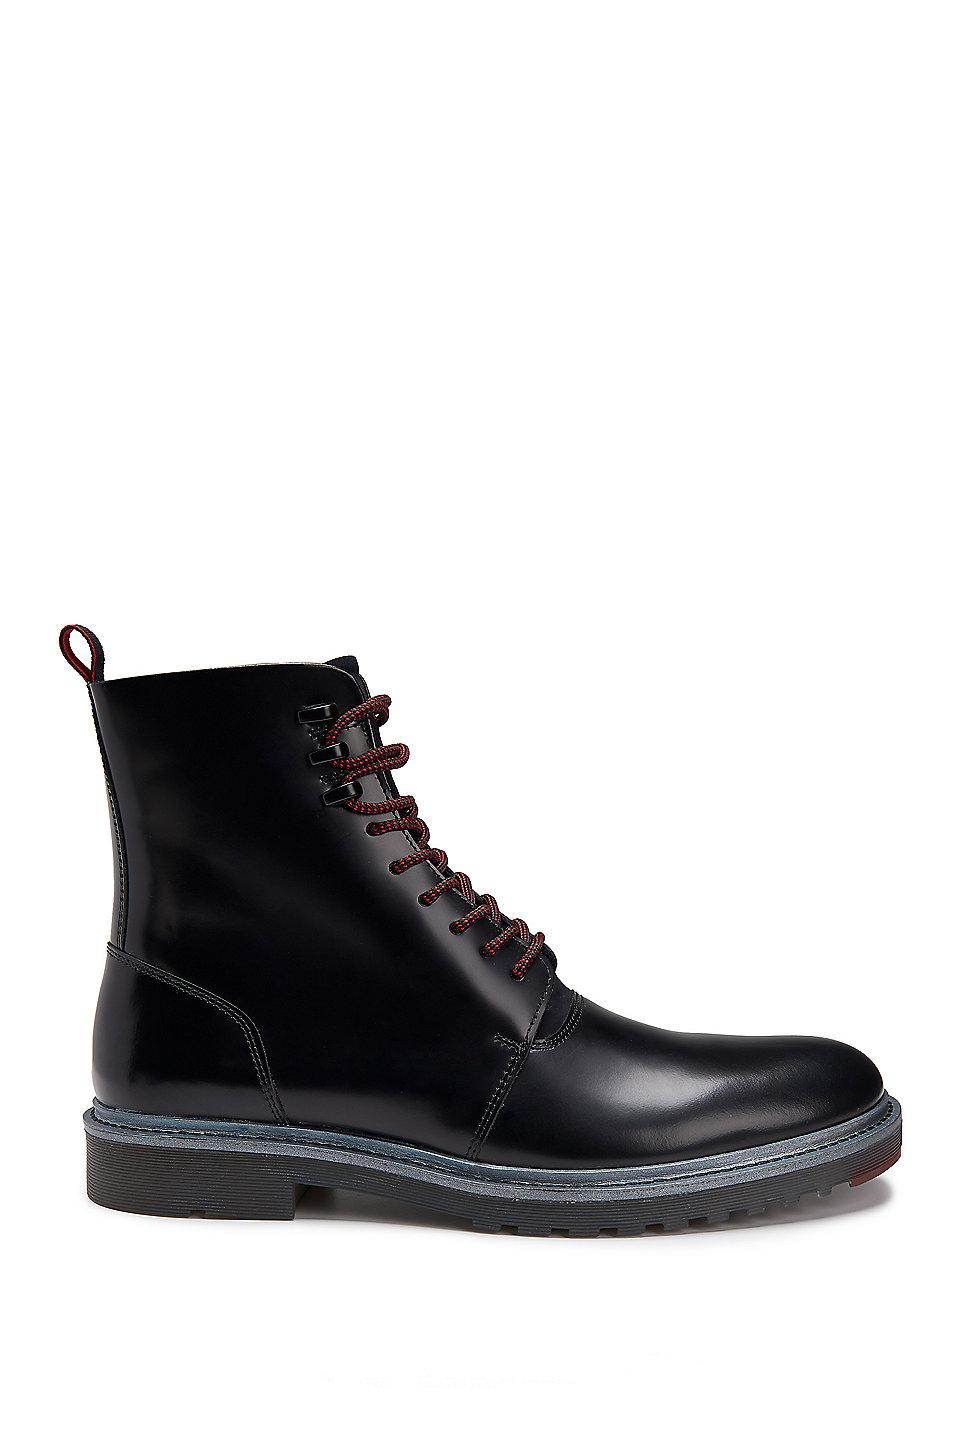 HUGO BOSS Leather Boots iWwsguhz